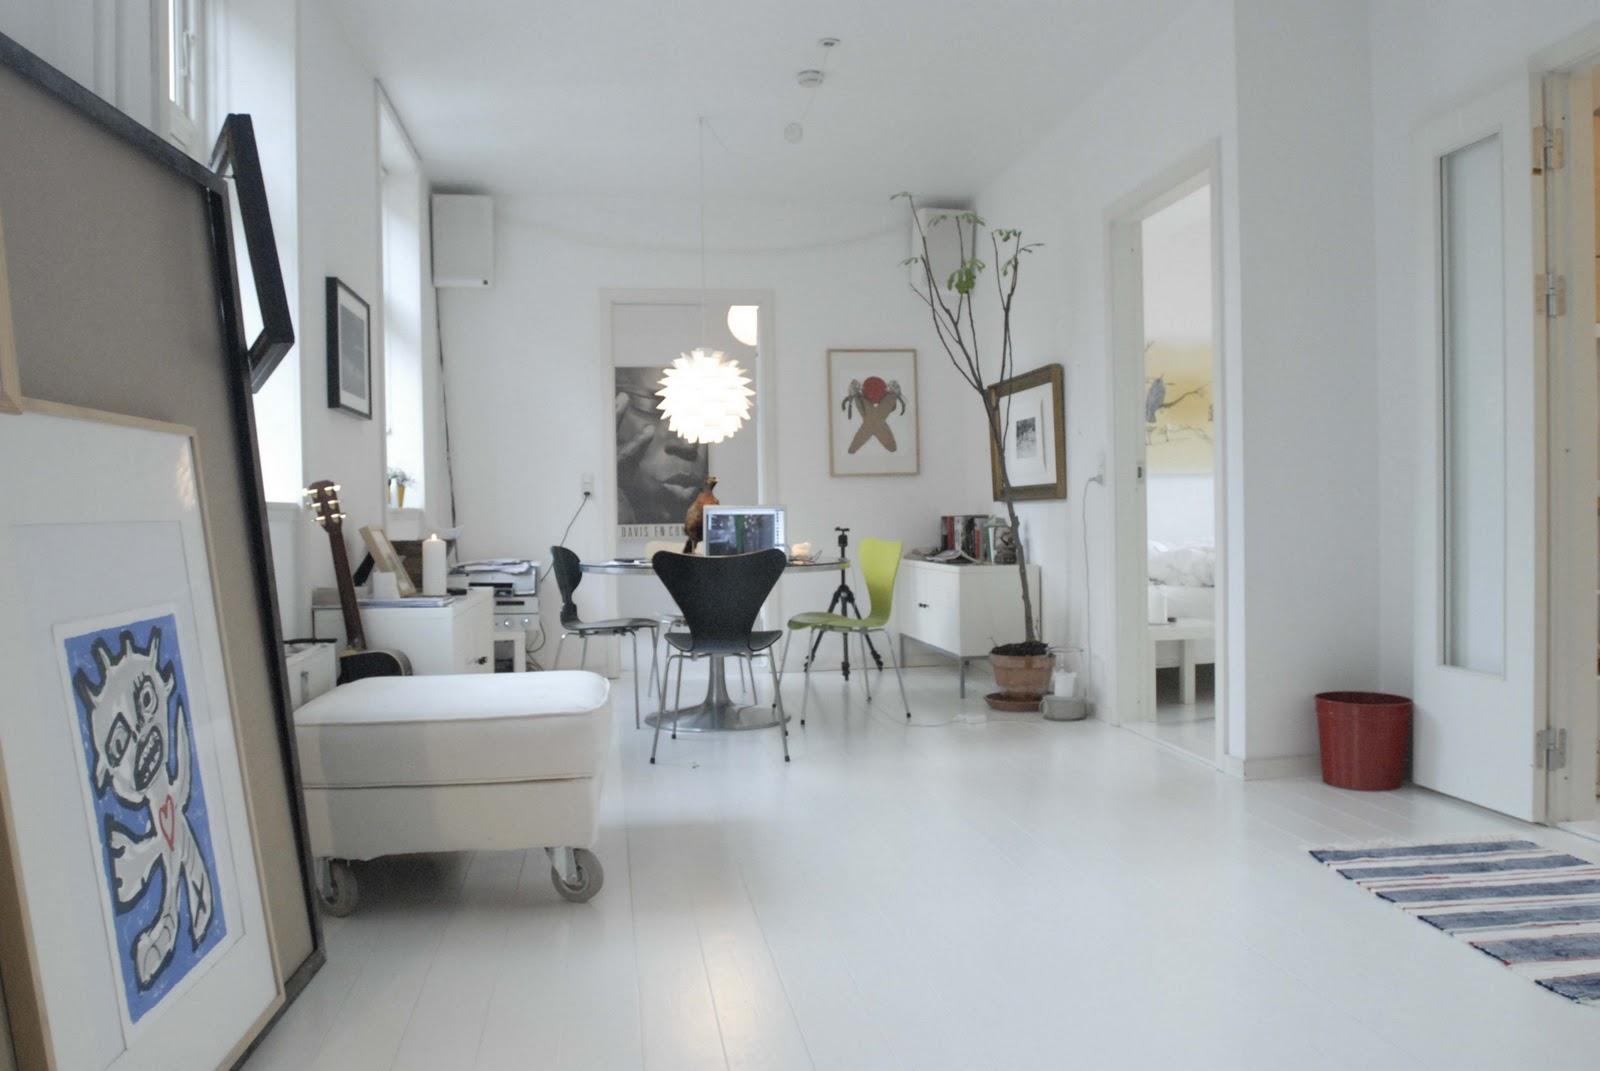 25 wohneinrichtung ideen wohnzimmer im skandinavischen stil, designs of my mod-artsy apartment: what i like--scandinavian simplicity, Design ideen